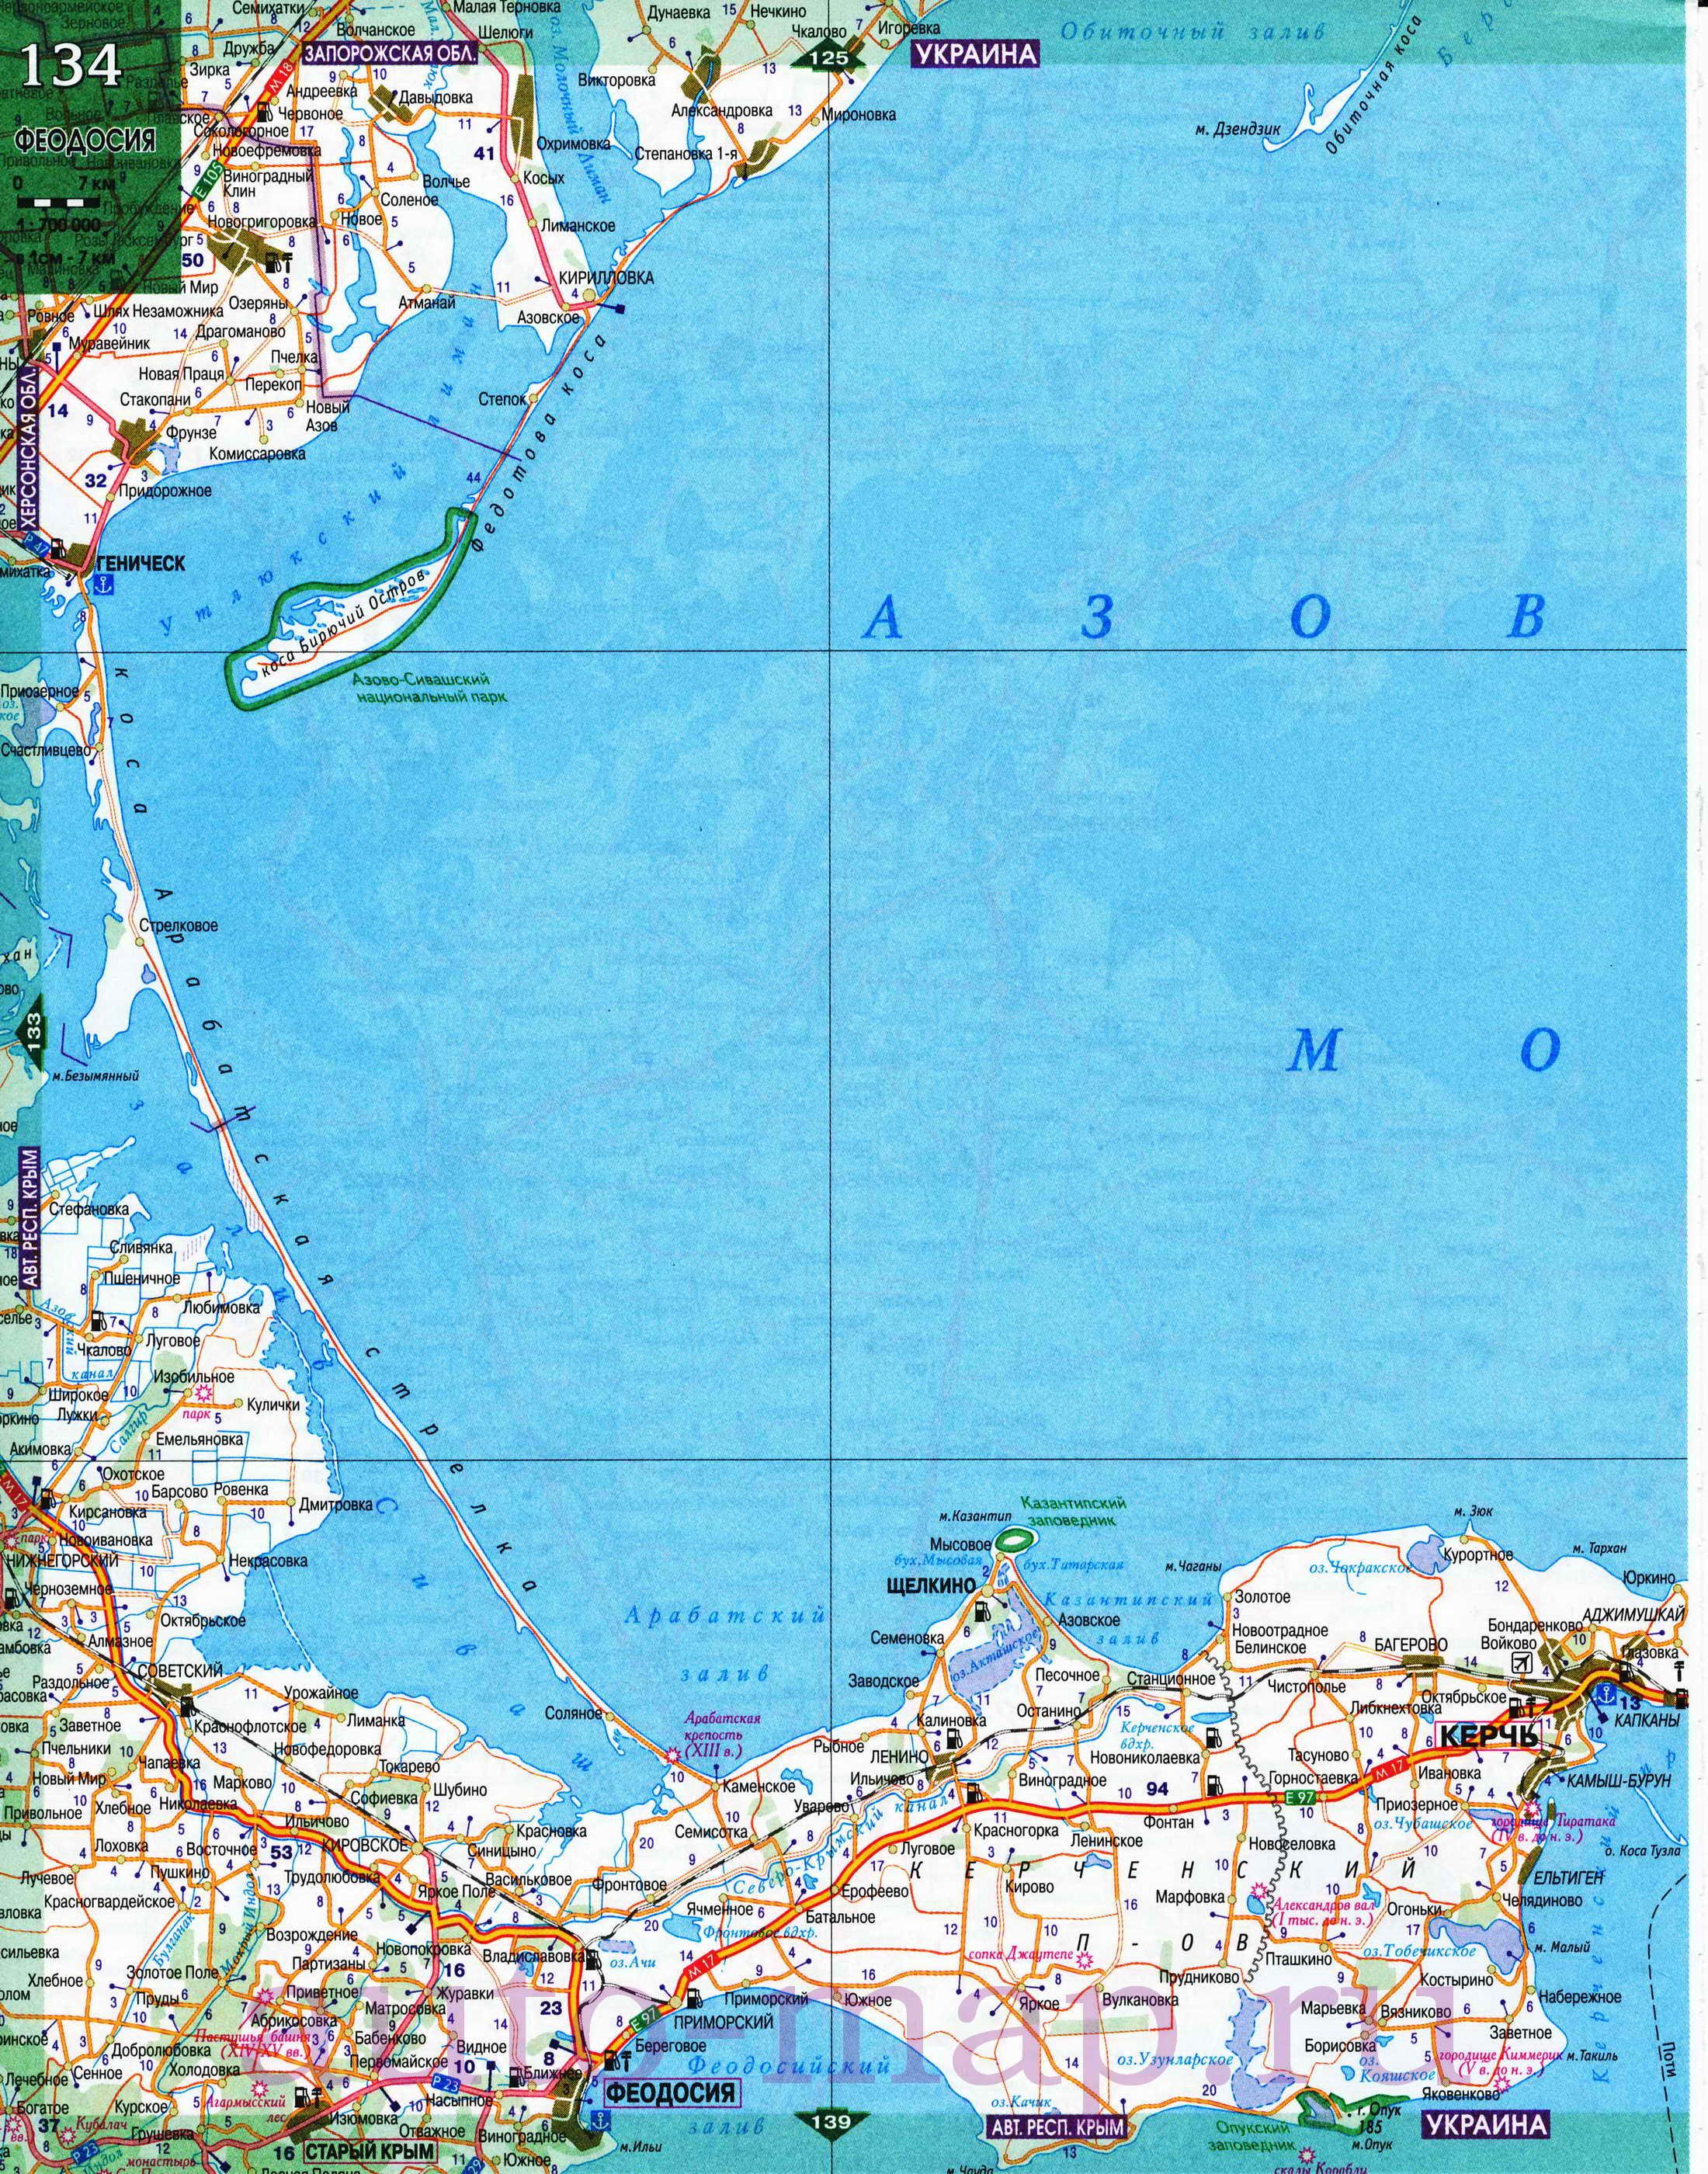 Карта побережья Азовского моря. Подробная карта Азовского ...: http://map-oblast.ru/map824758_0_1.htm